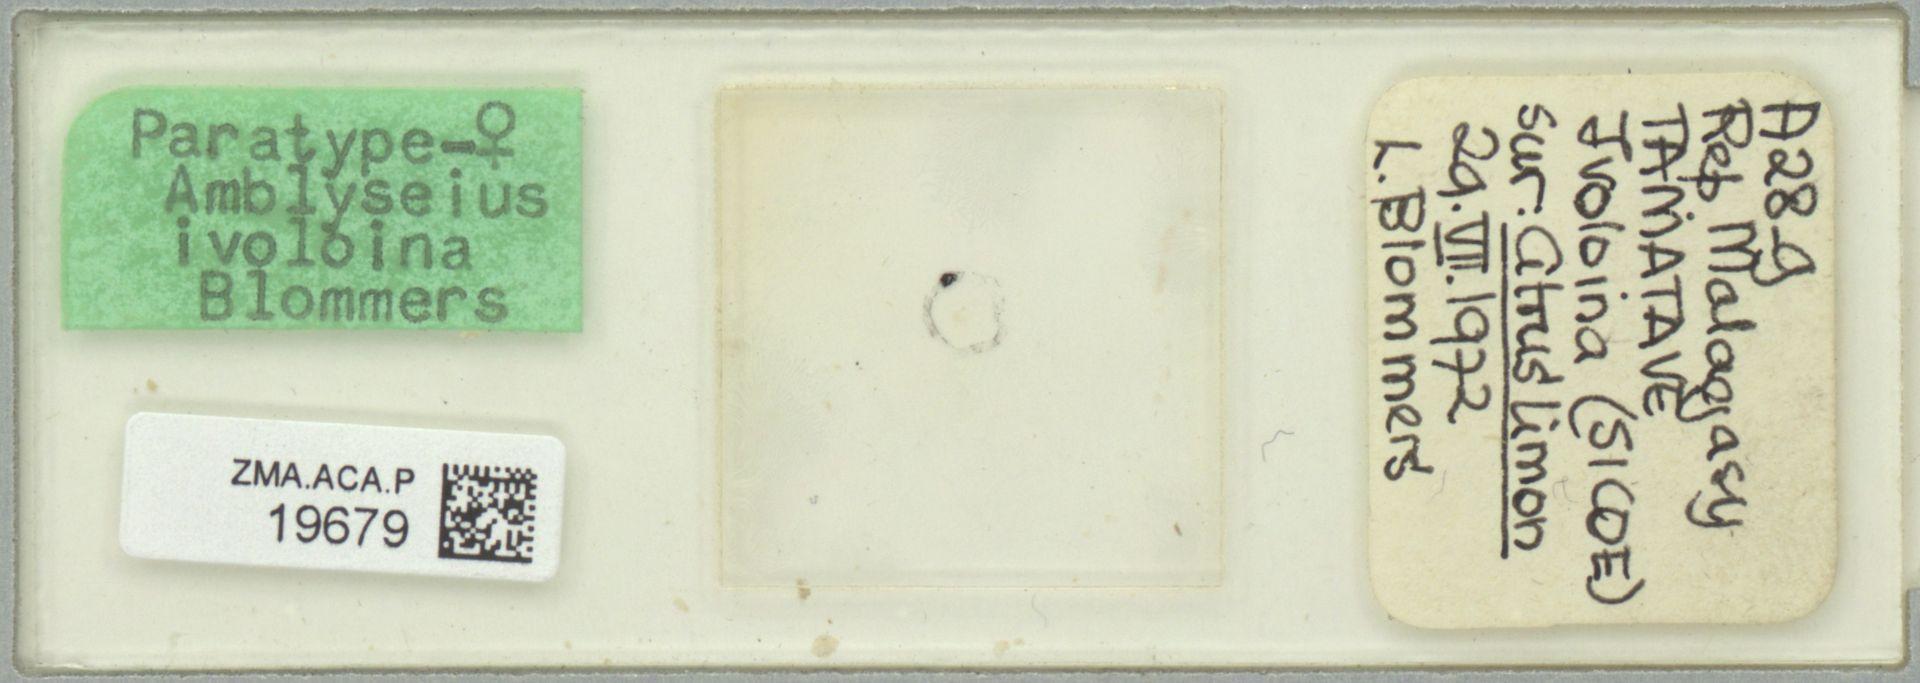 ZMA.ACA.P.19679   Amblyseius ivoloinae Blommers